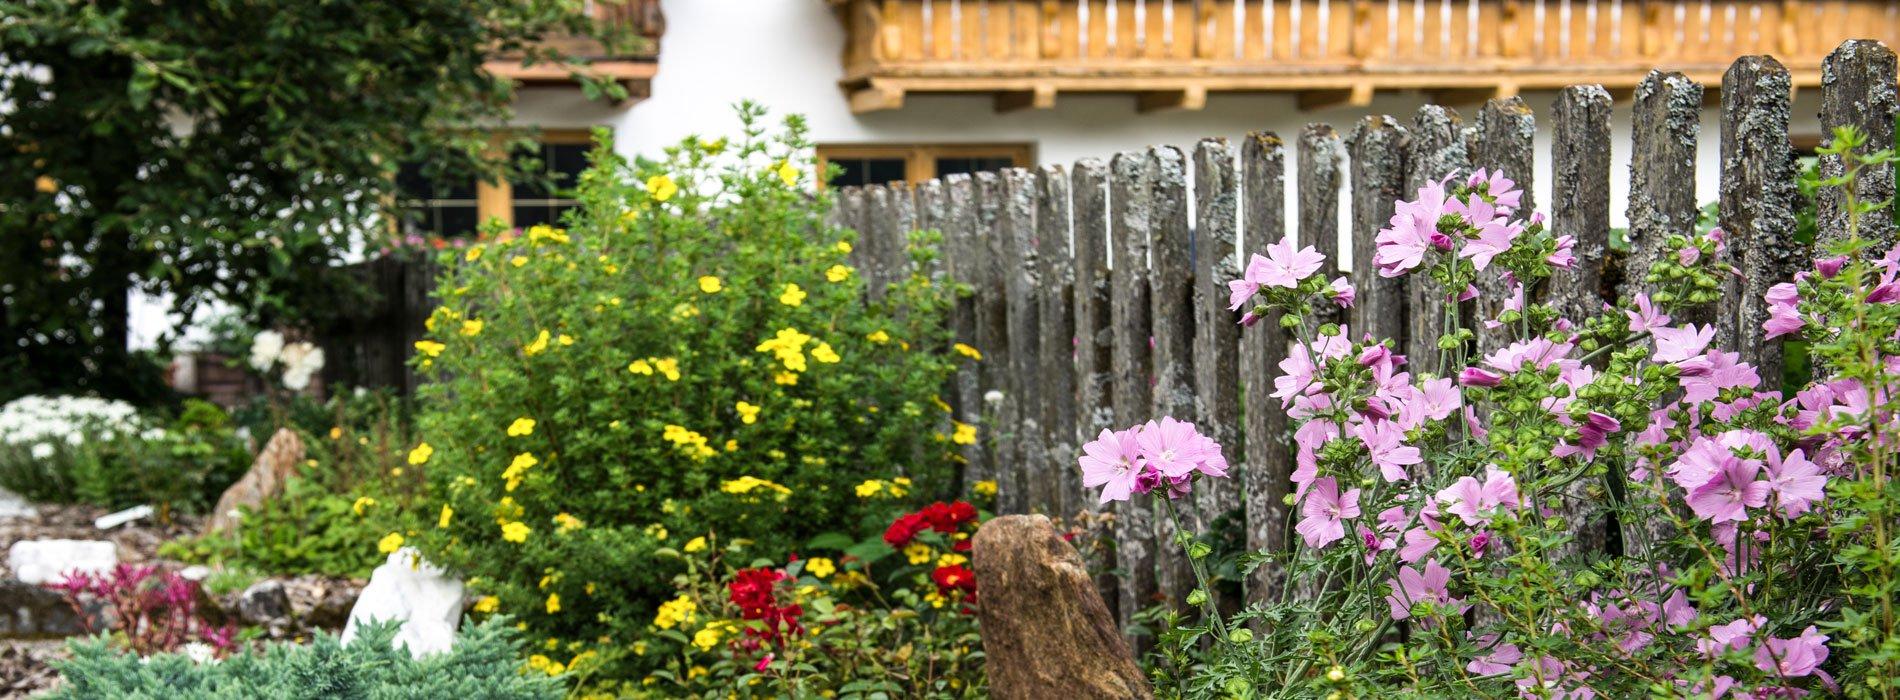 sommerurlaub-in-den-bergen-07